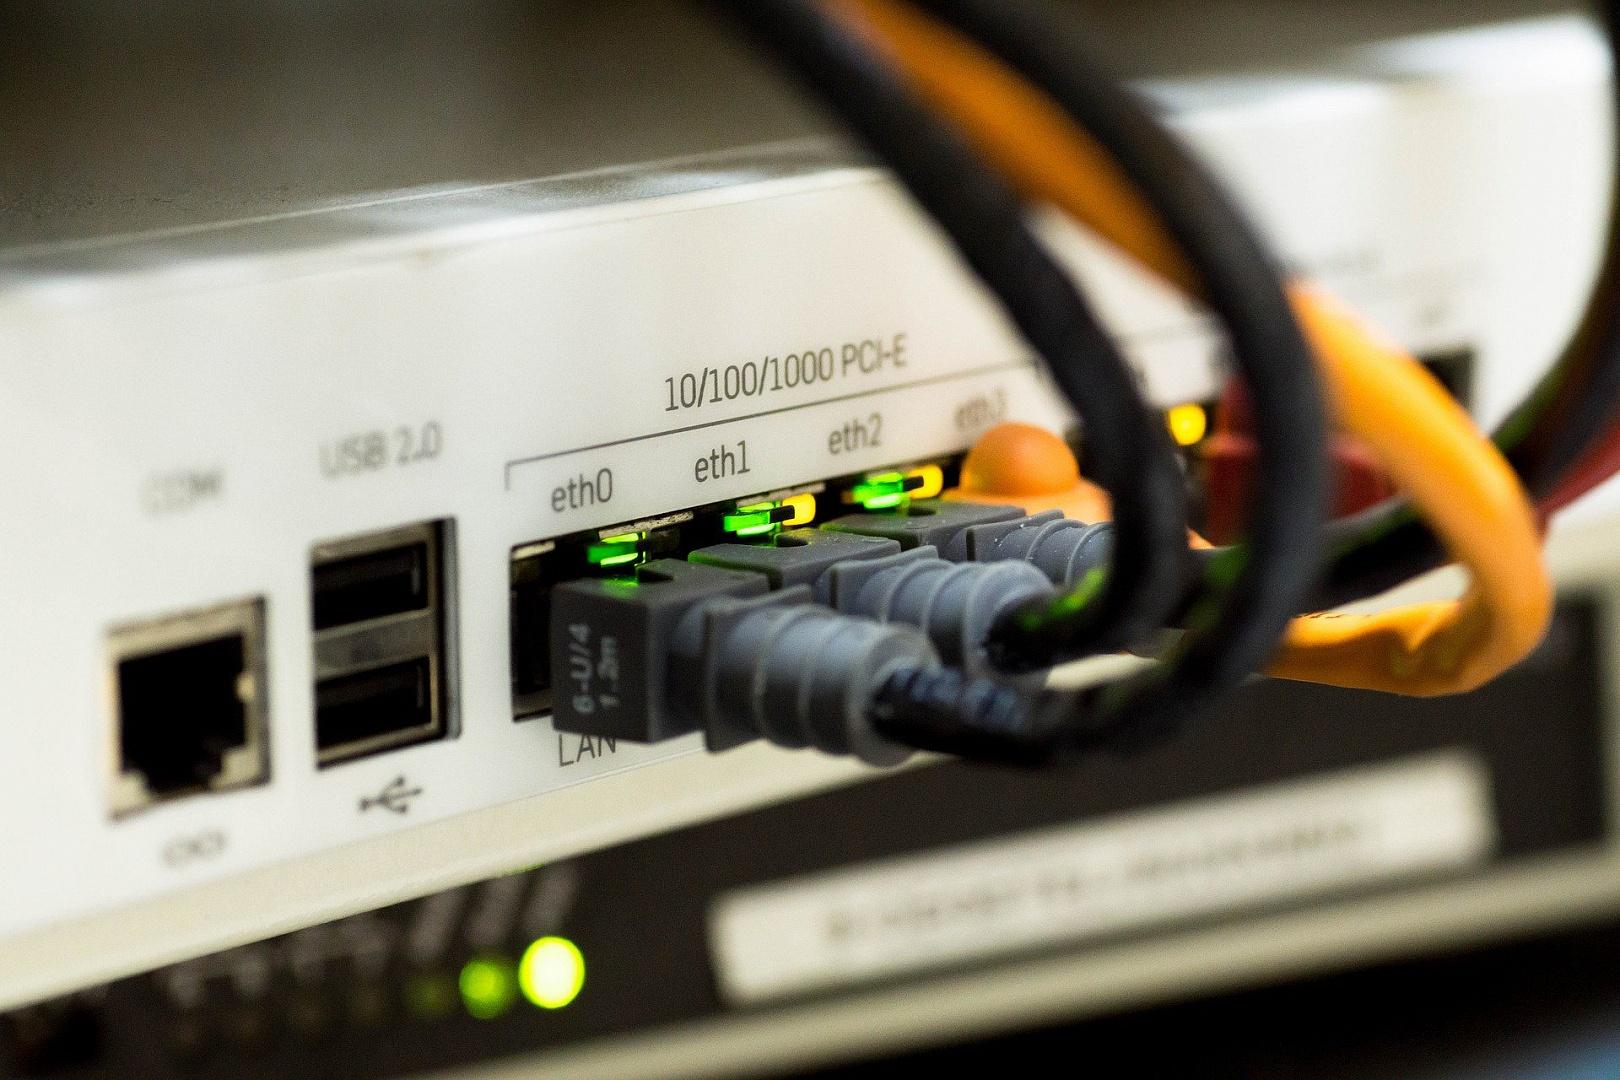 «Ростелеком» и «РТК – Сетевые технологии» проведут крупную модернизацию региональных сетей передачи данных